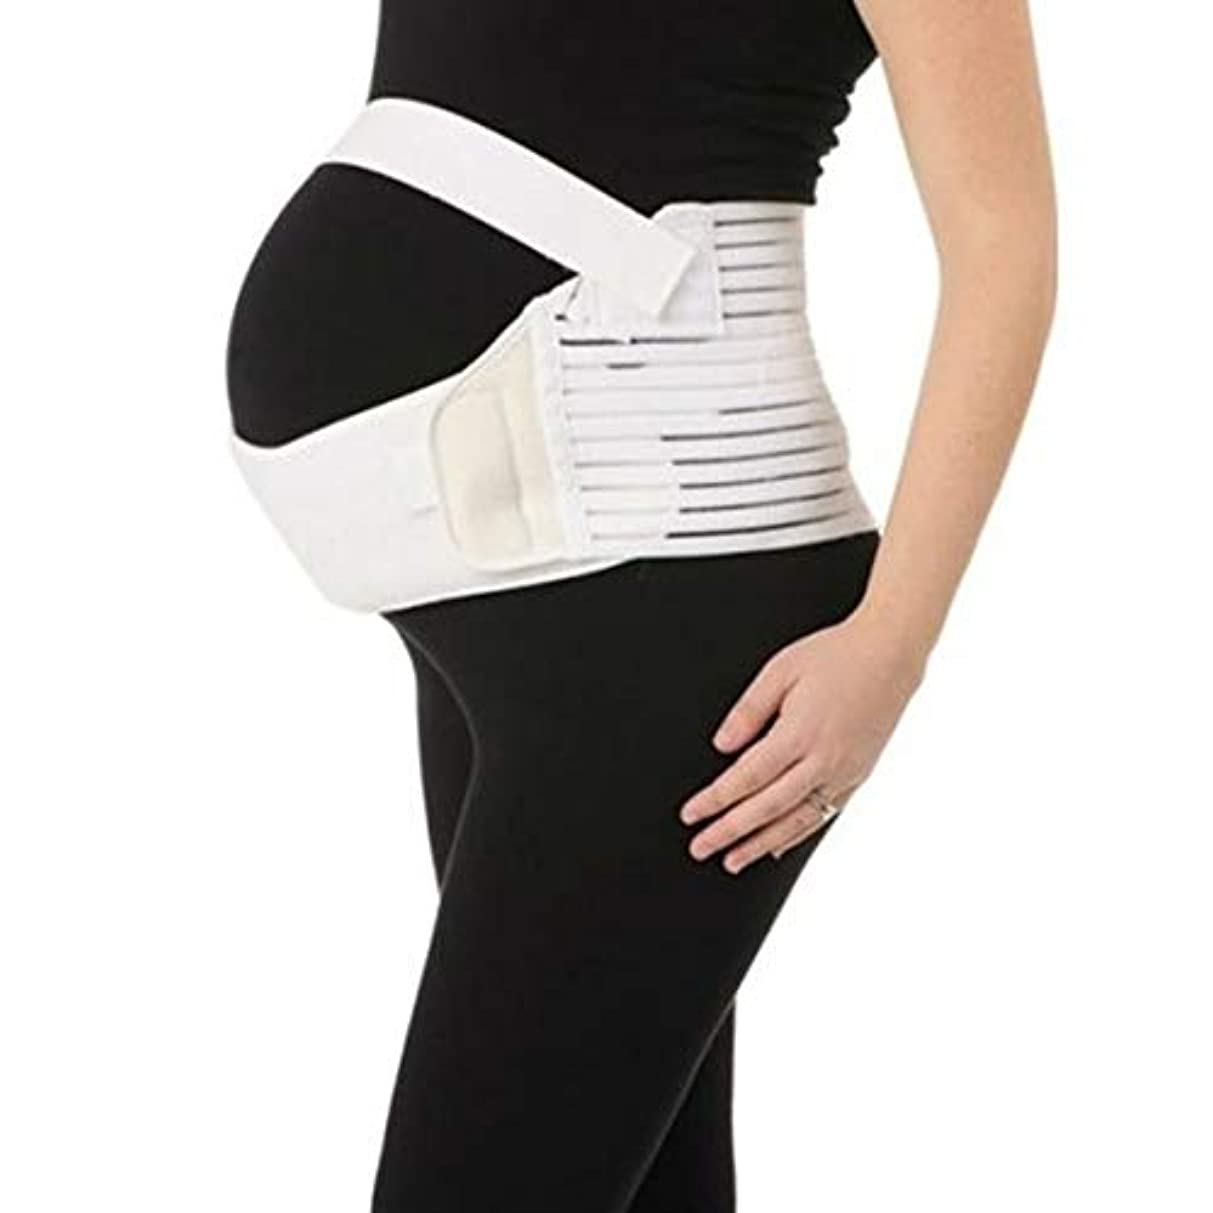 あえぎモンスター捧げる通気性マタニティベルト妊娠腹部サポート腹部バインダーガードル運動包帯産後の回復shapewear - ホワイトL